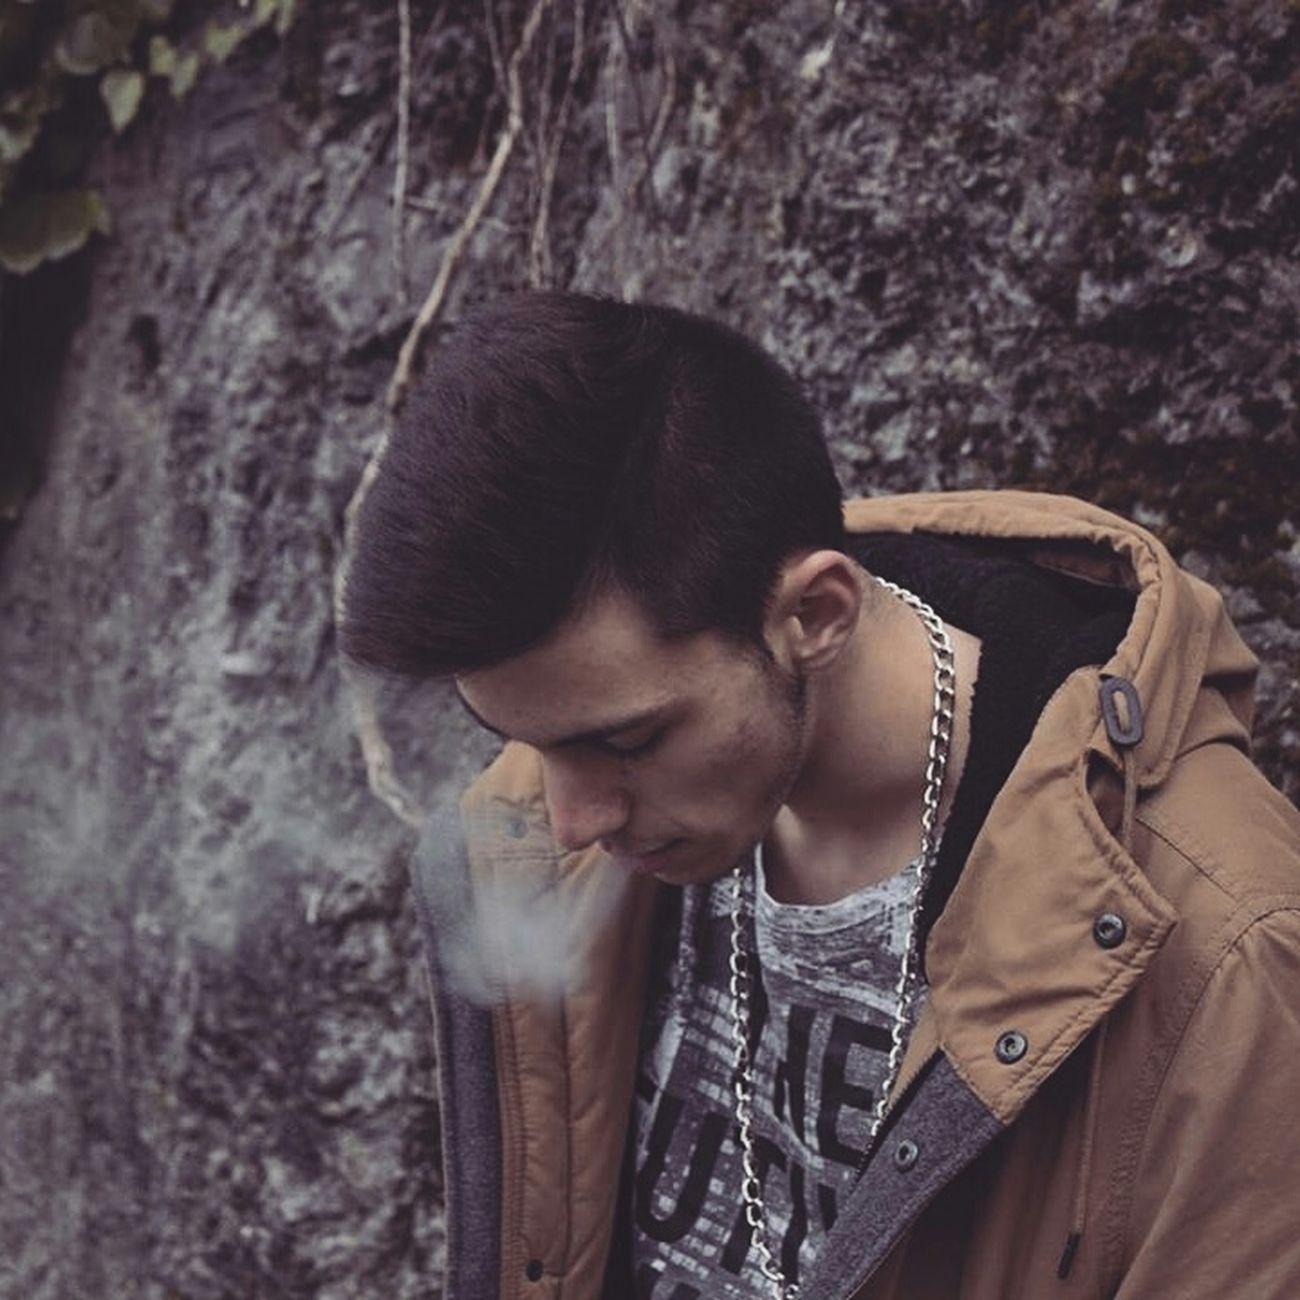 Shooting Me Smoke Style Swag Cigarette  Followme Follow4follow Follow Followforfollow